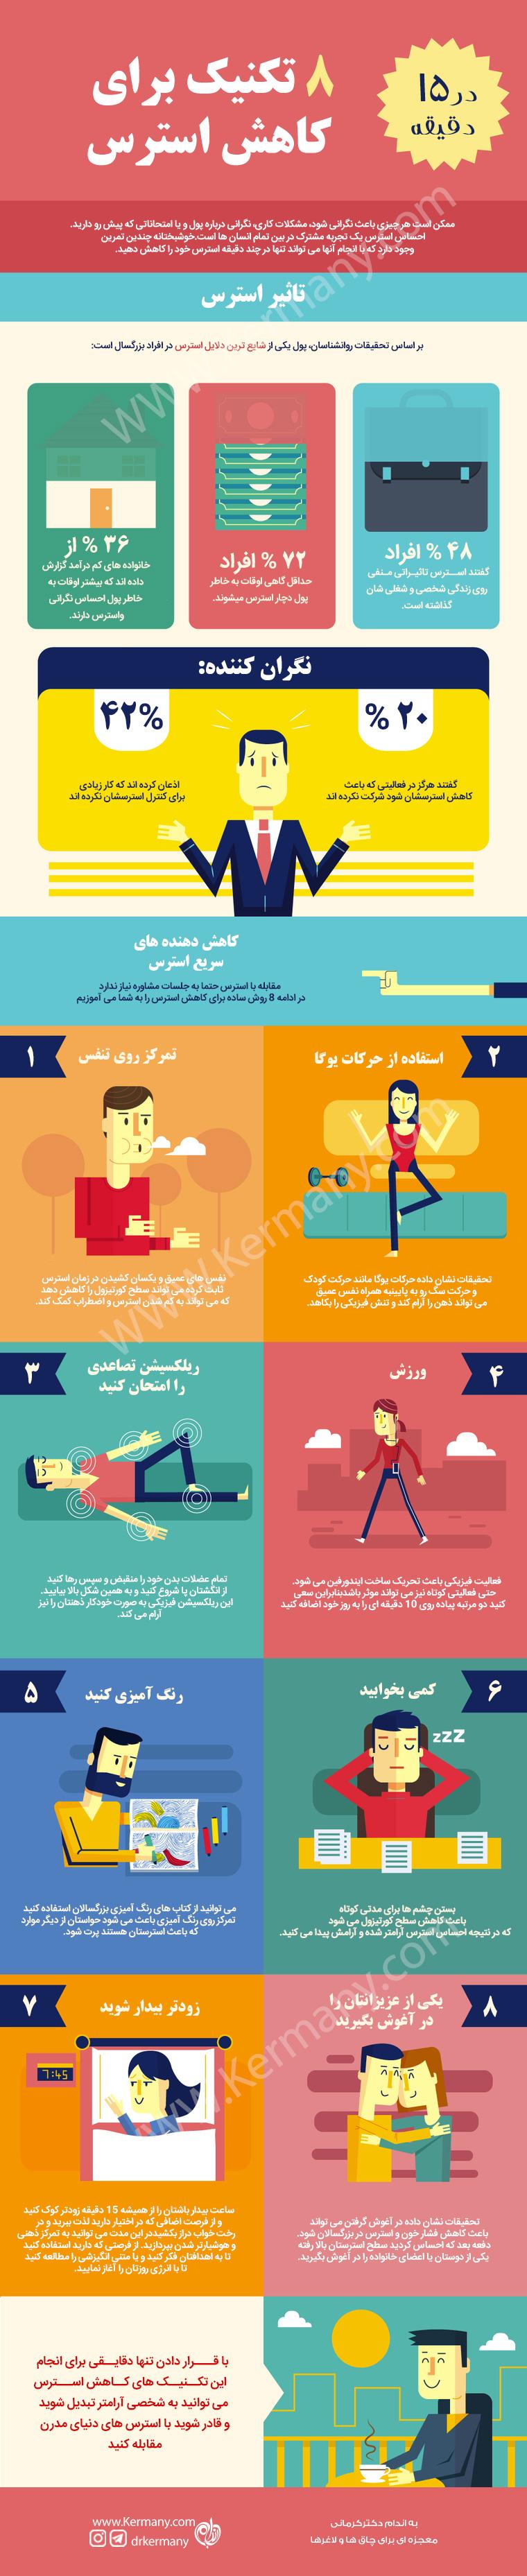 اینفوگراف: 8 تکنیک ساده برای کاهش استرس